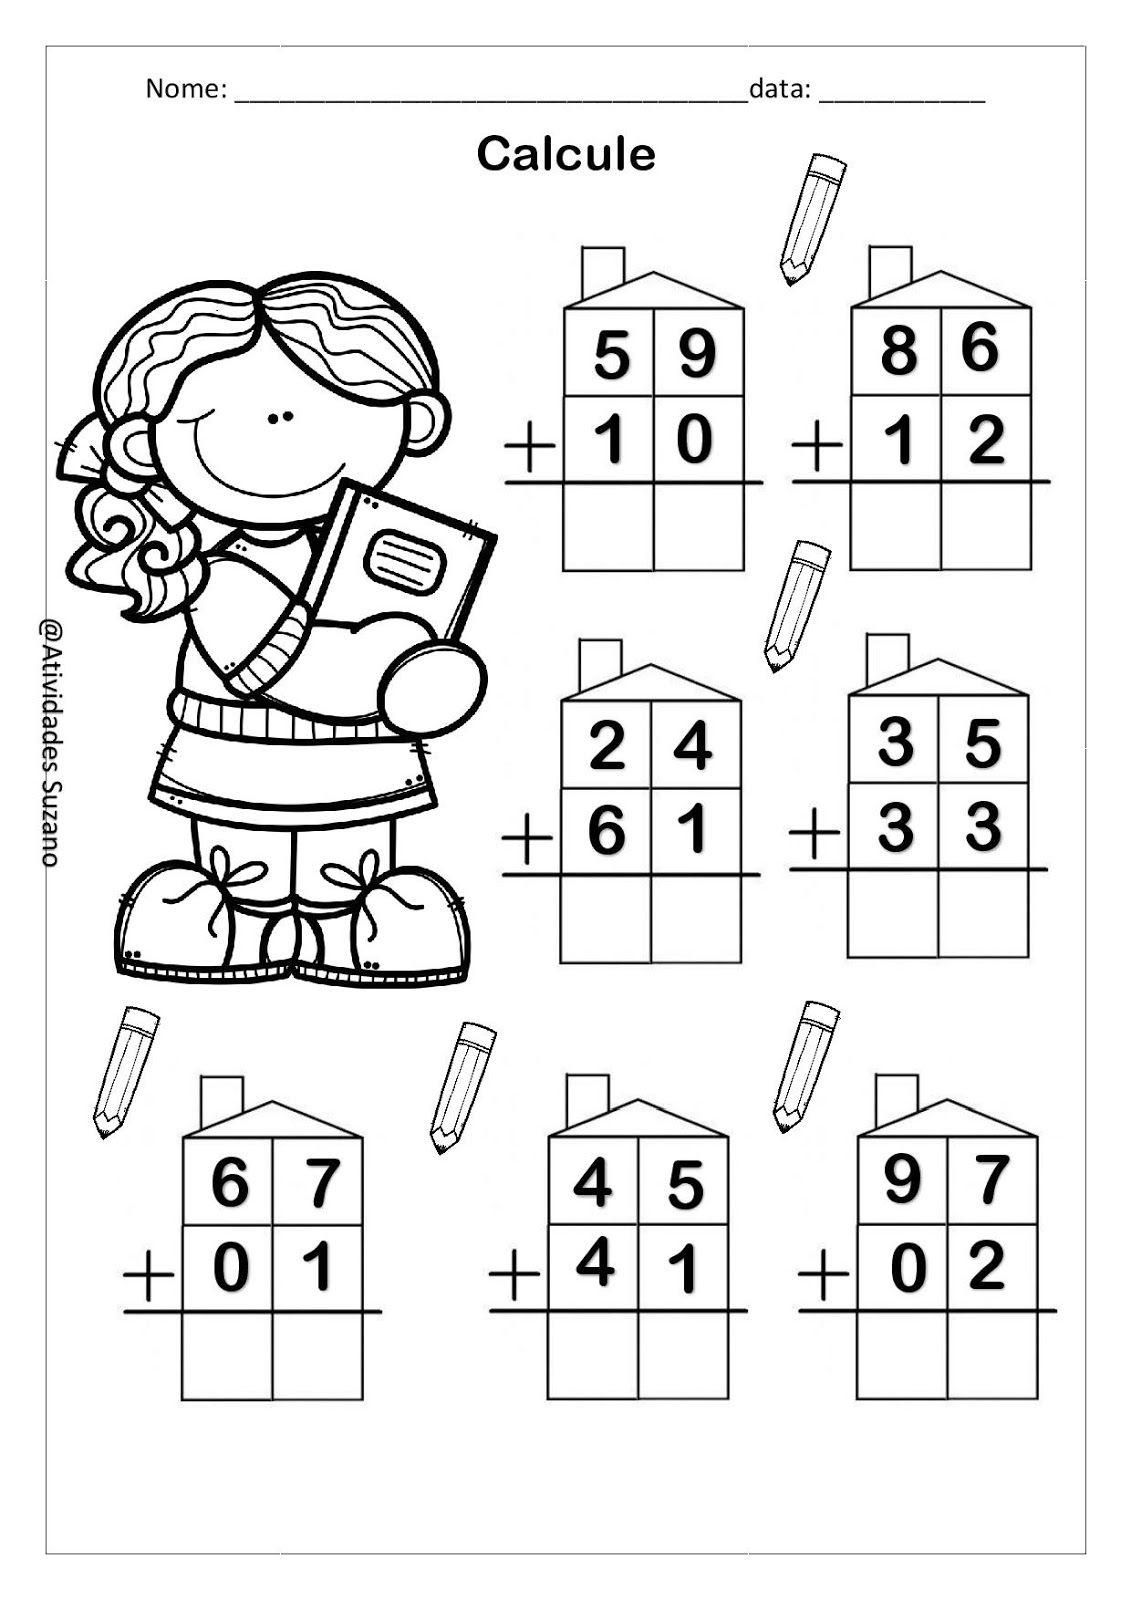 Pin de Aidee en Imagenes Pensamiento Matematico | Pinterest ...